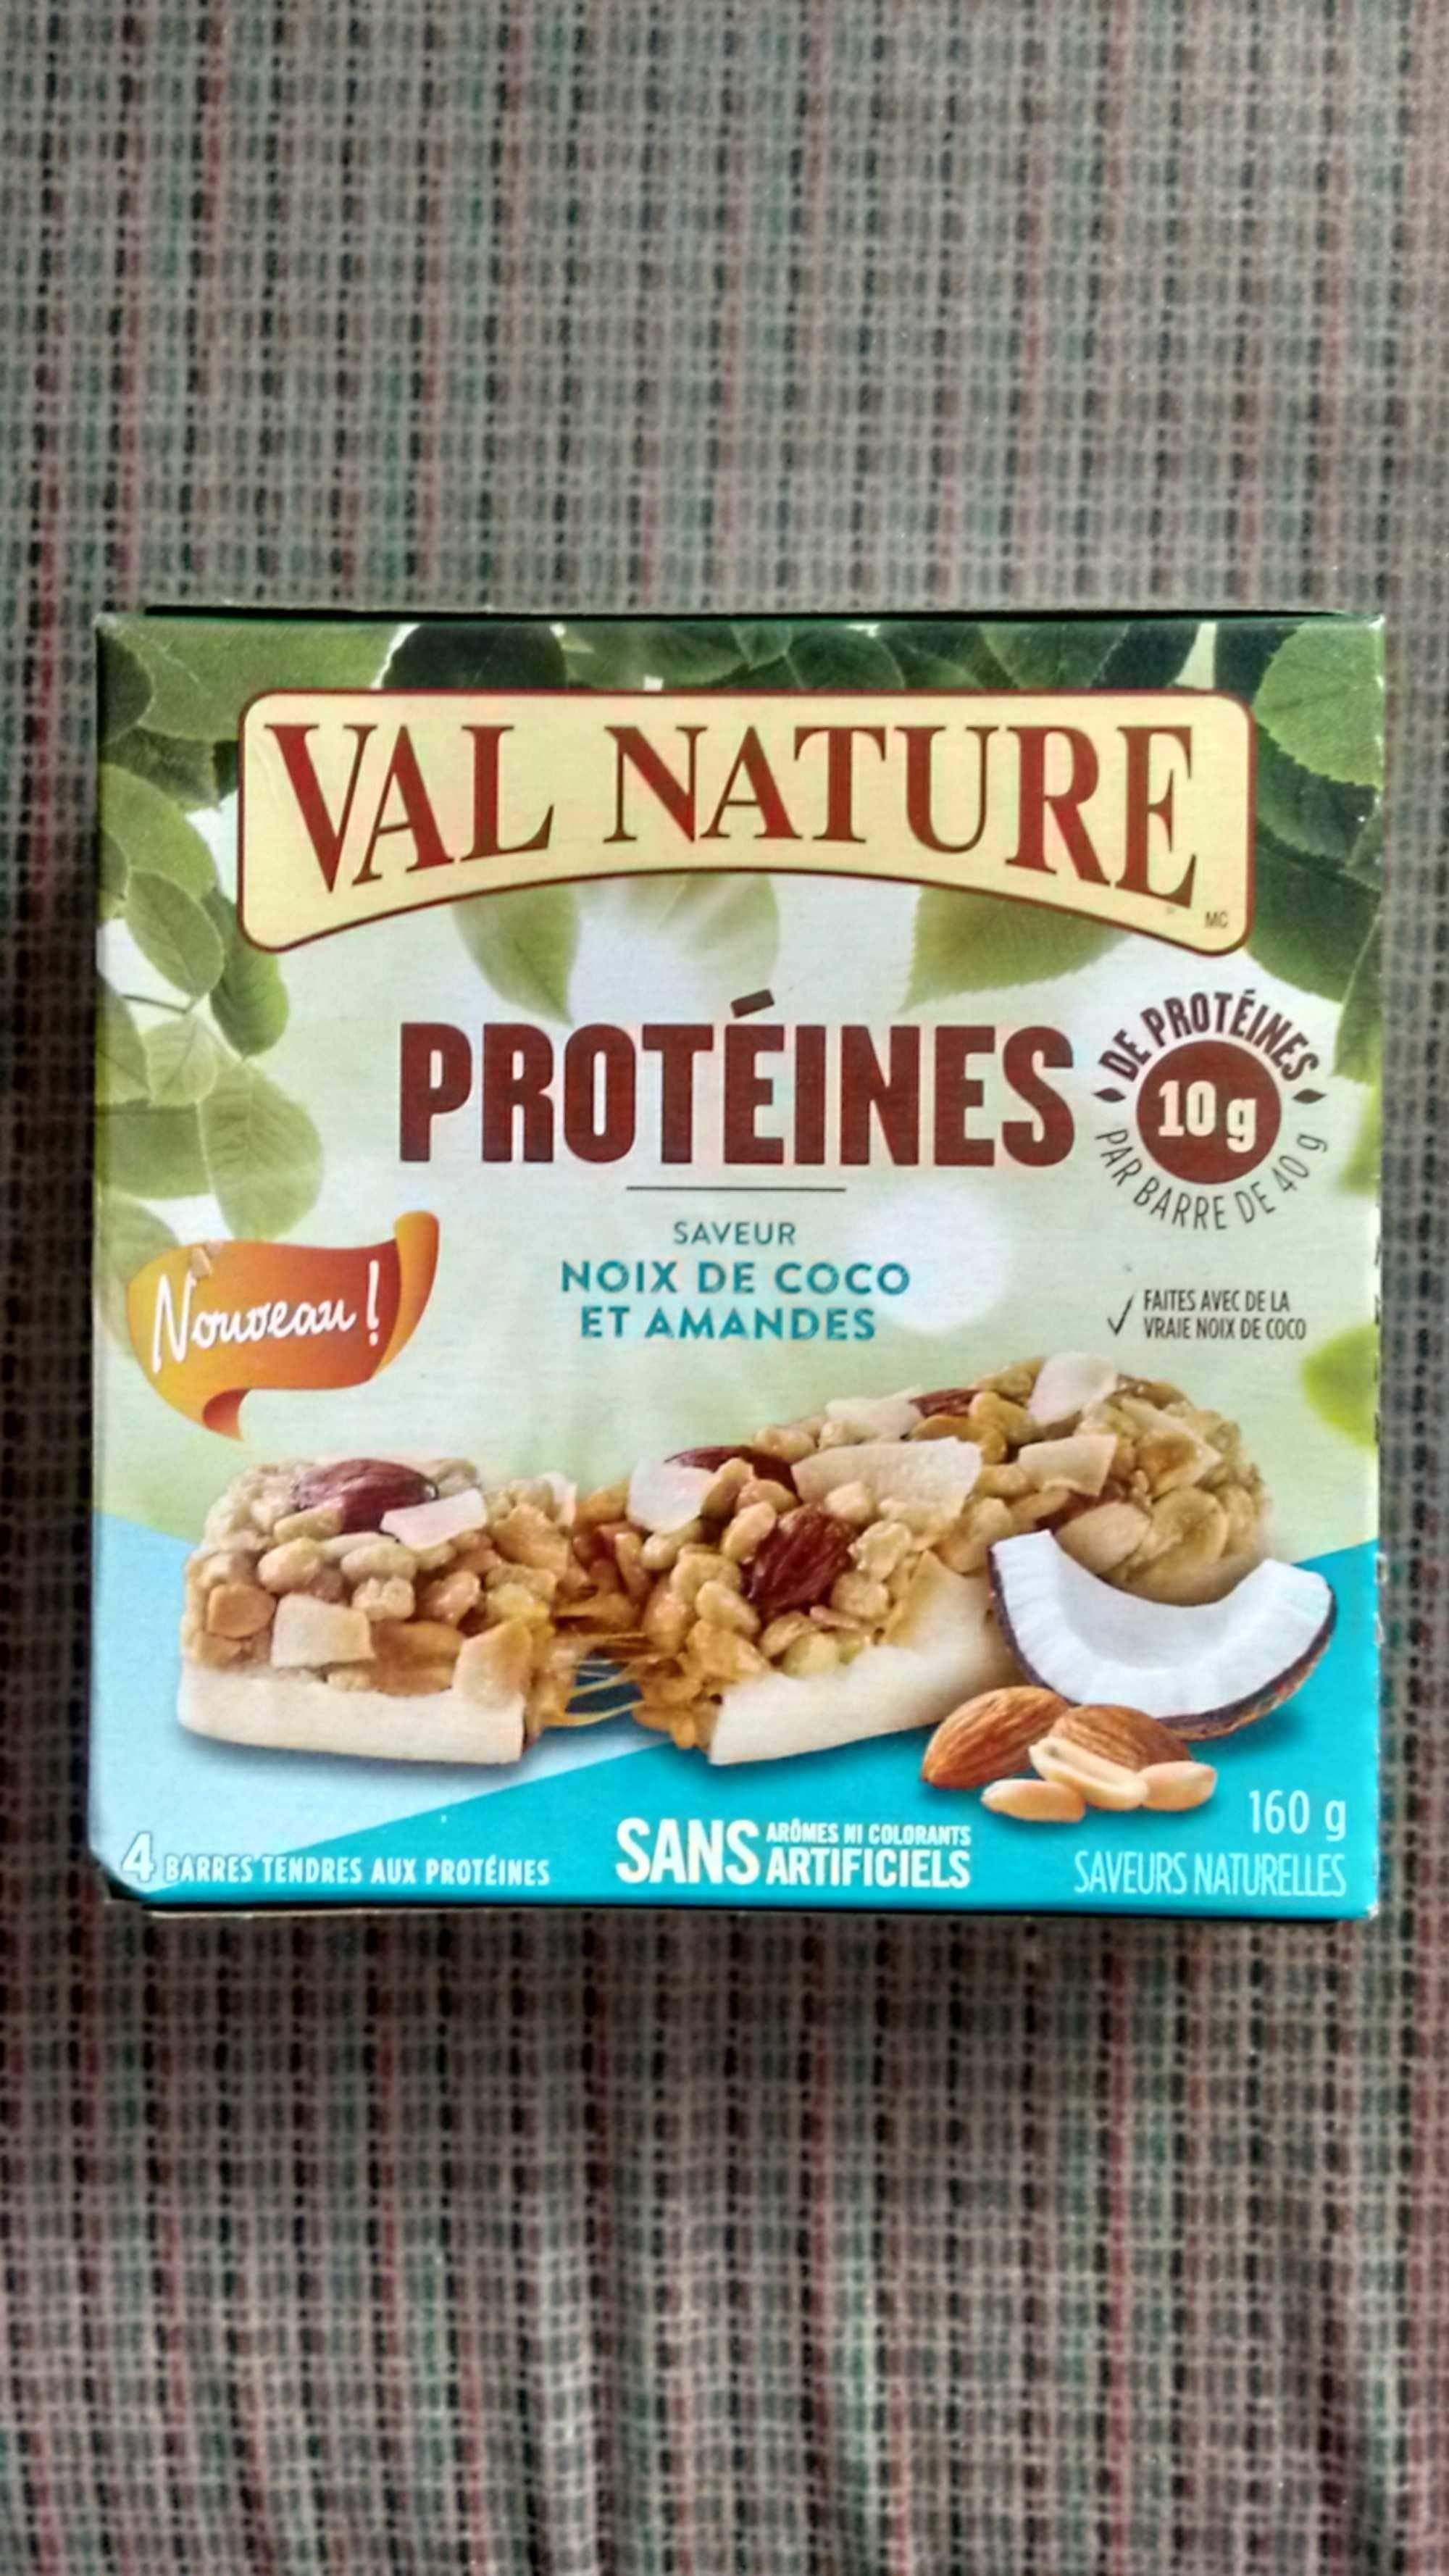 Barres aux protéines - Produit - fr